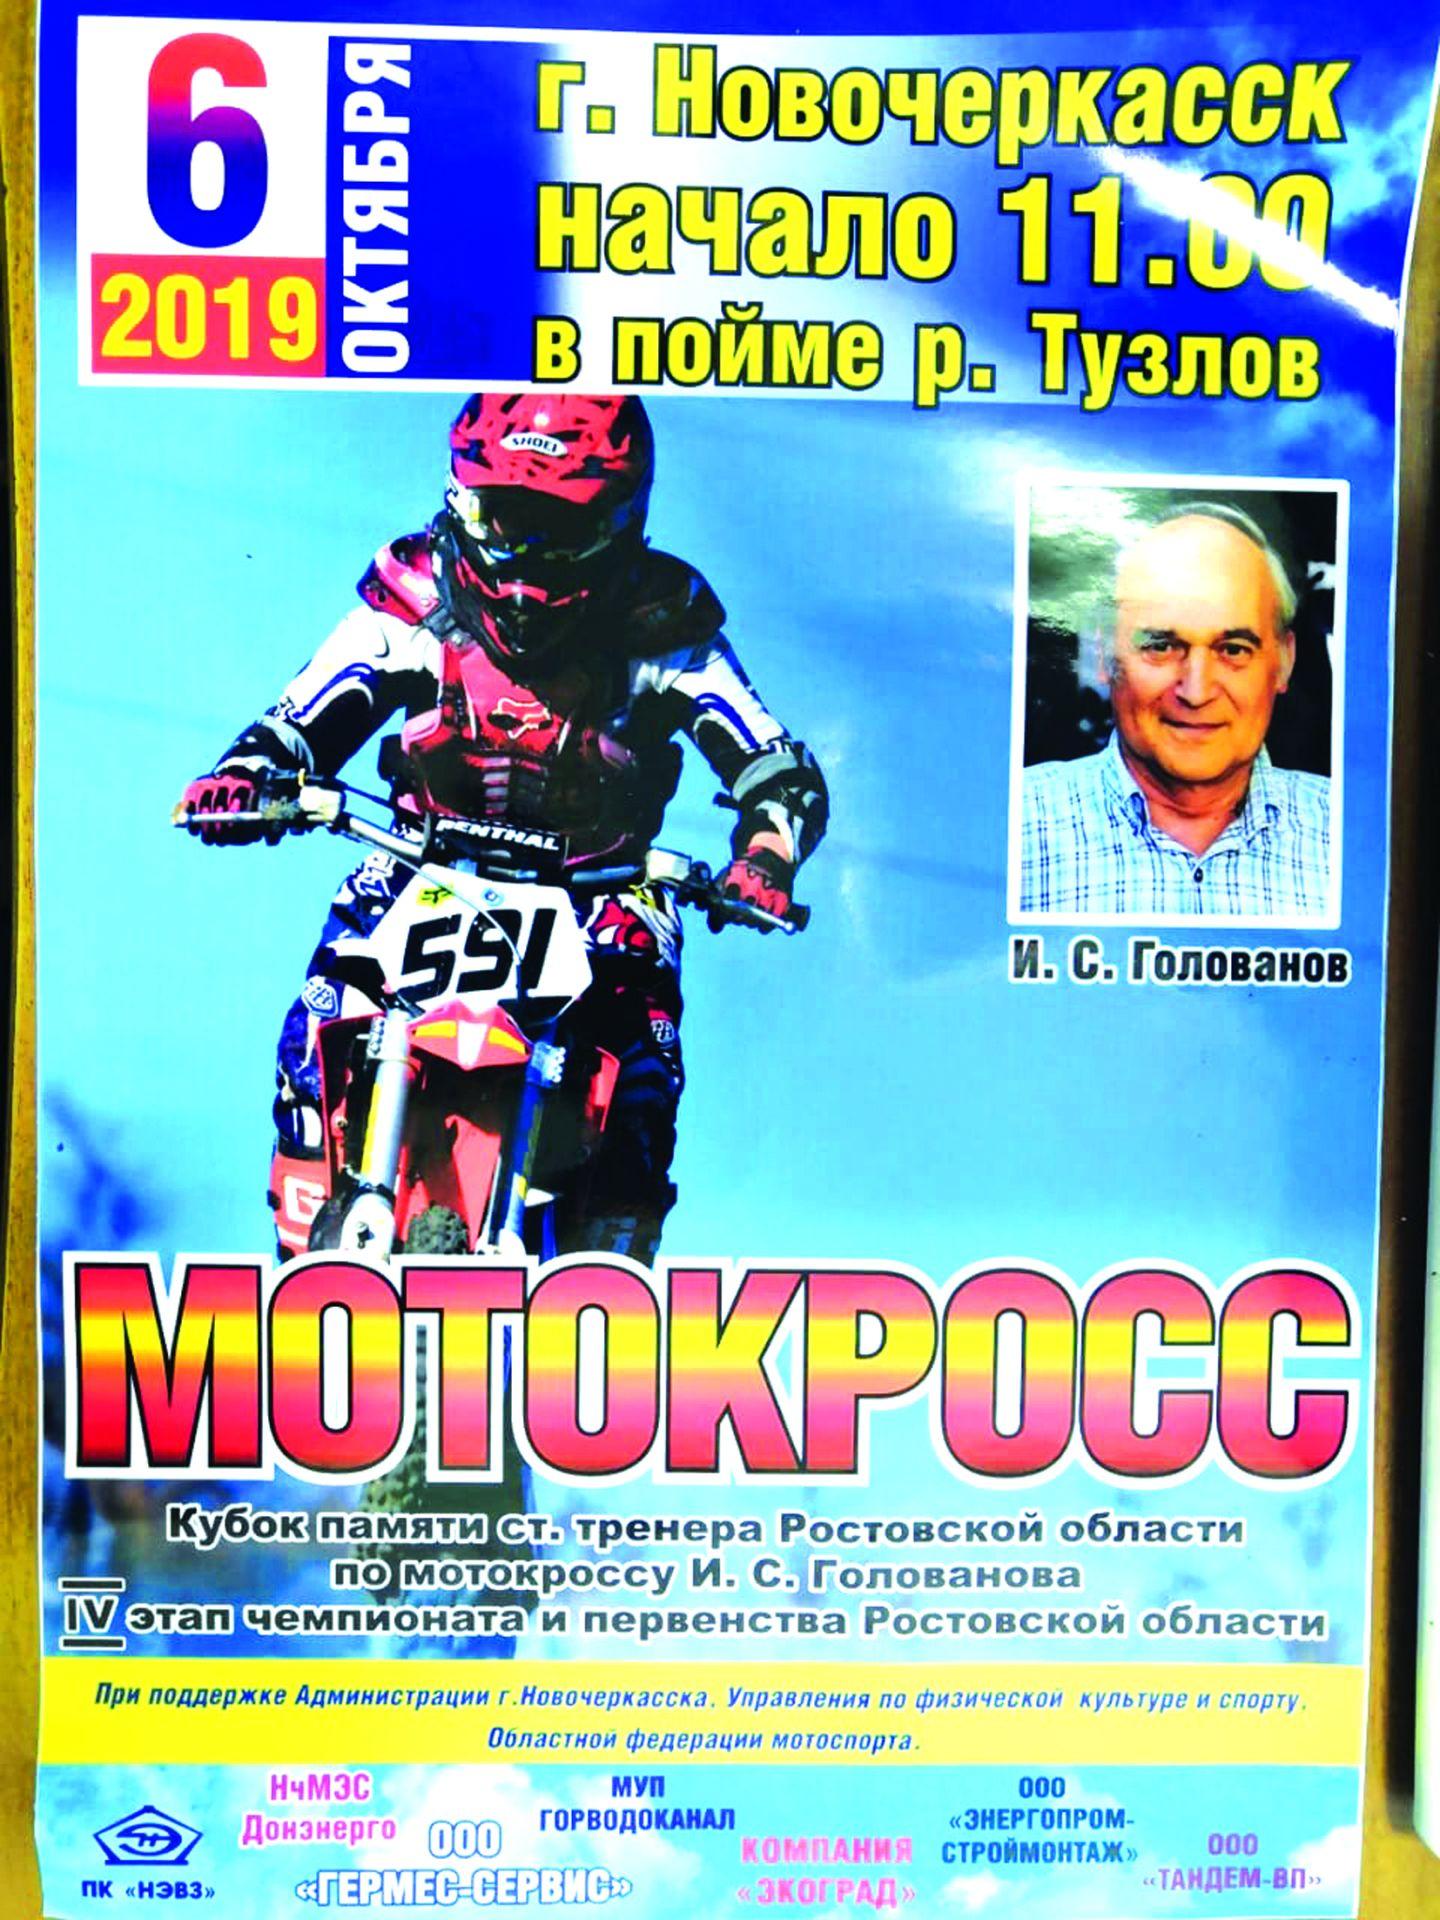 Кубок памяти старшего тренера Ростовской области по мотокроссу И.С. Голованова